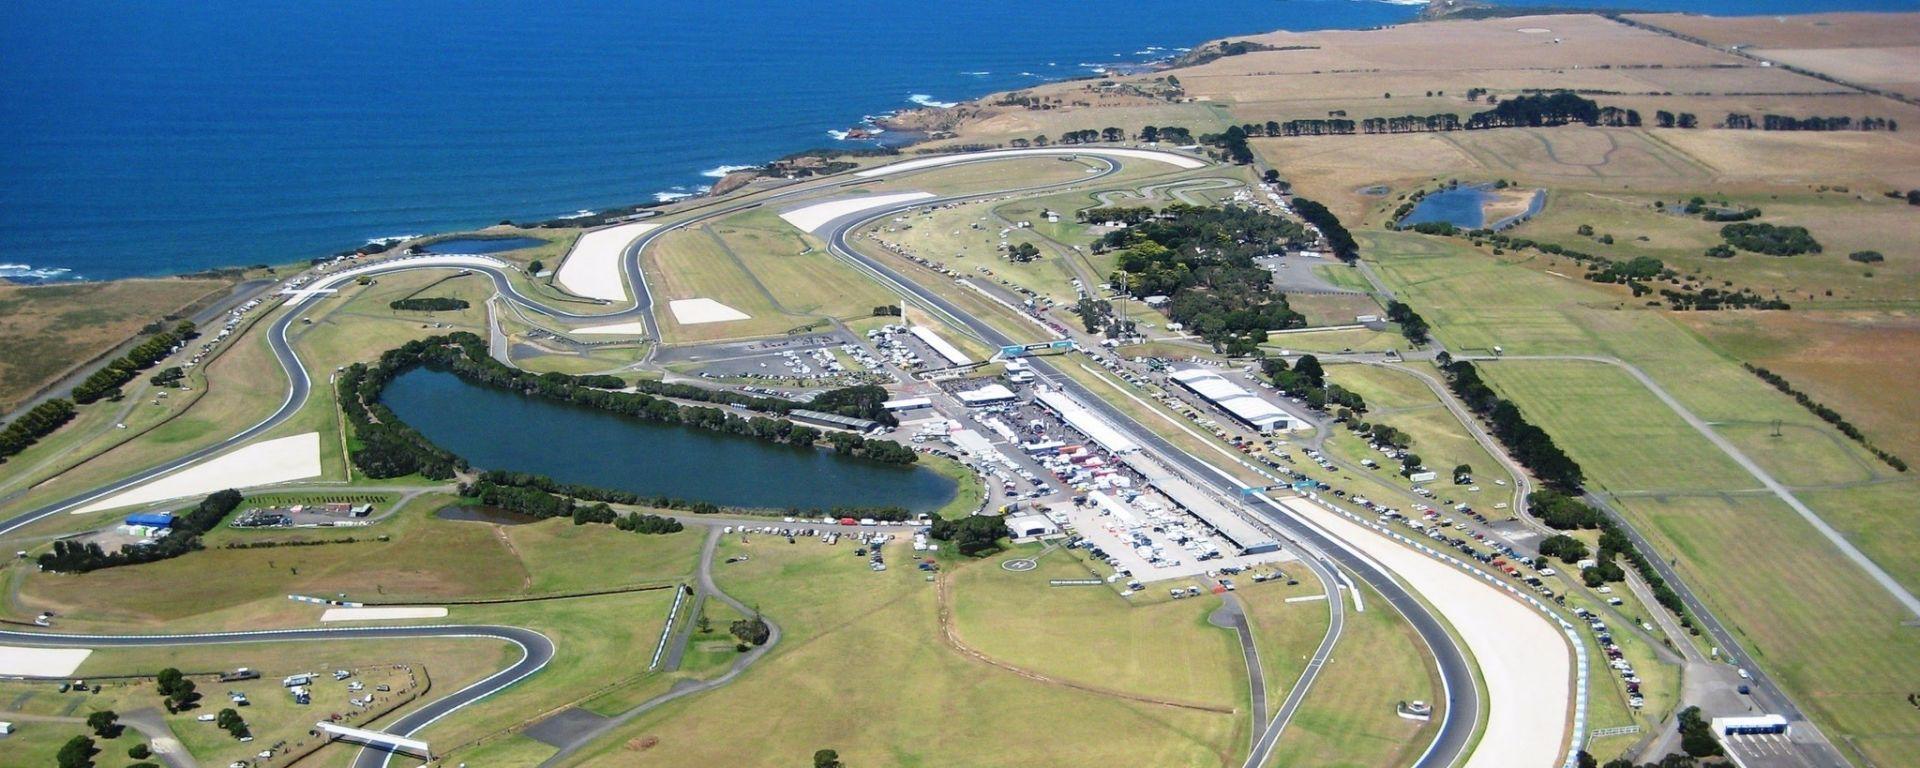 Lo spettacolare circuito di Phillip Island, Australia